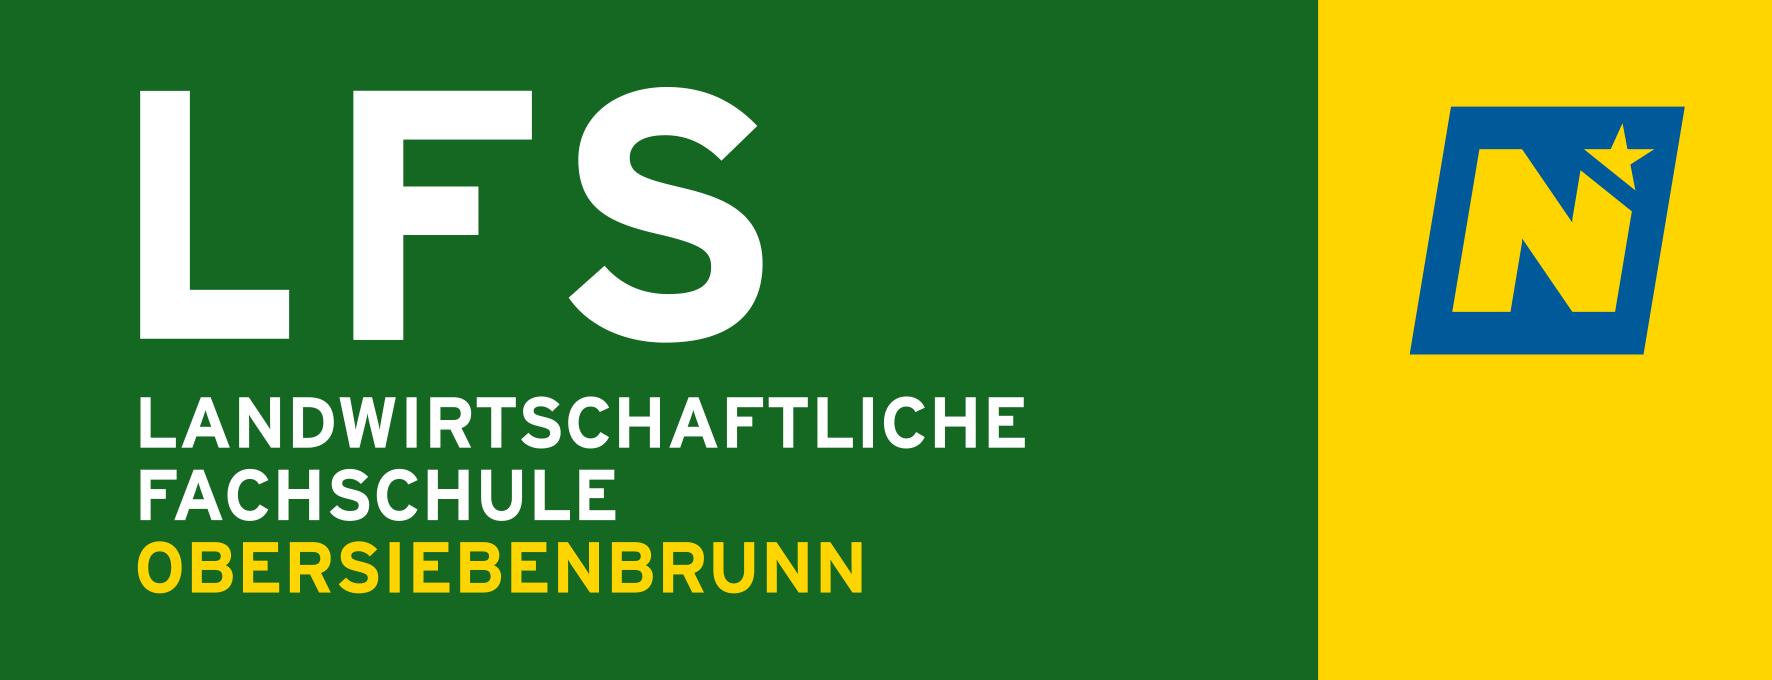 LFS Obersiebenbrunn LOGO